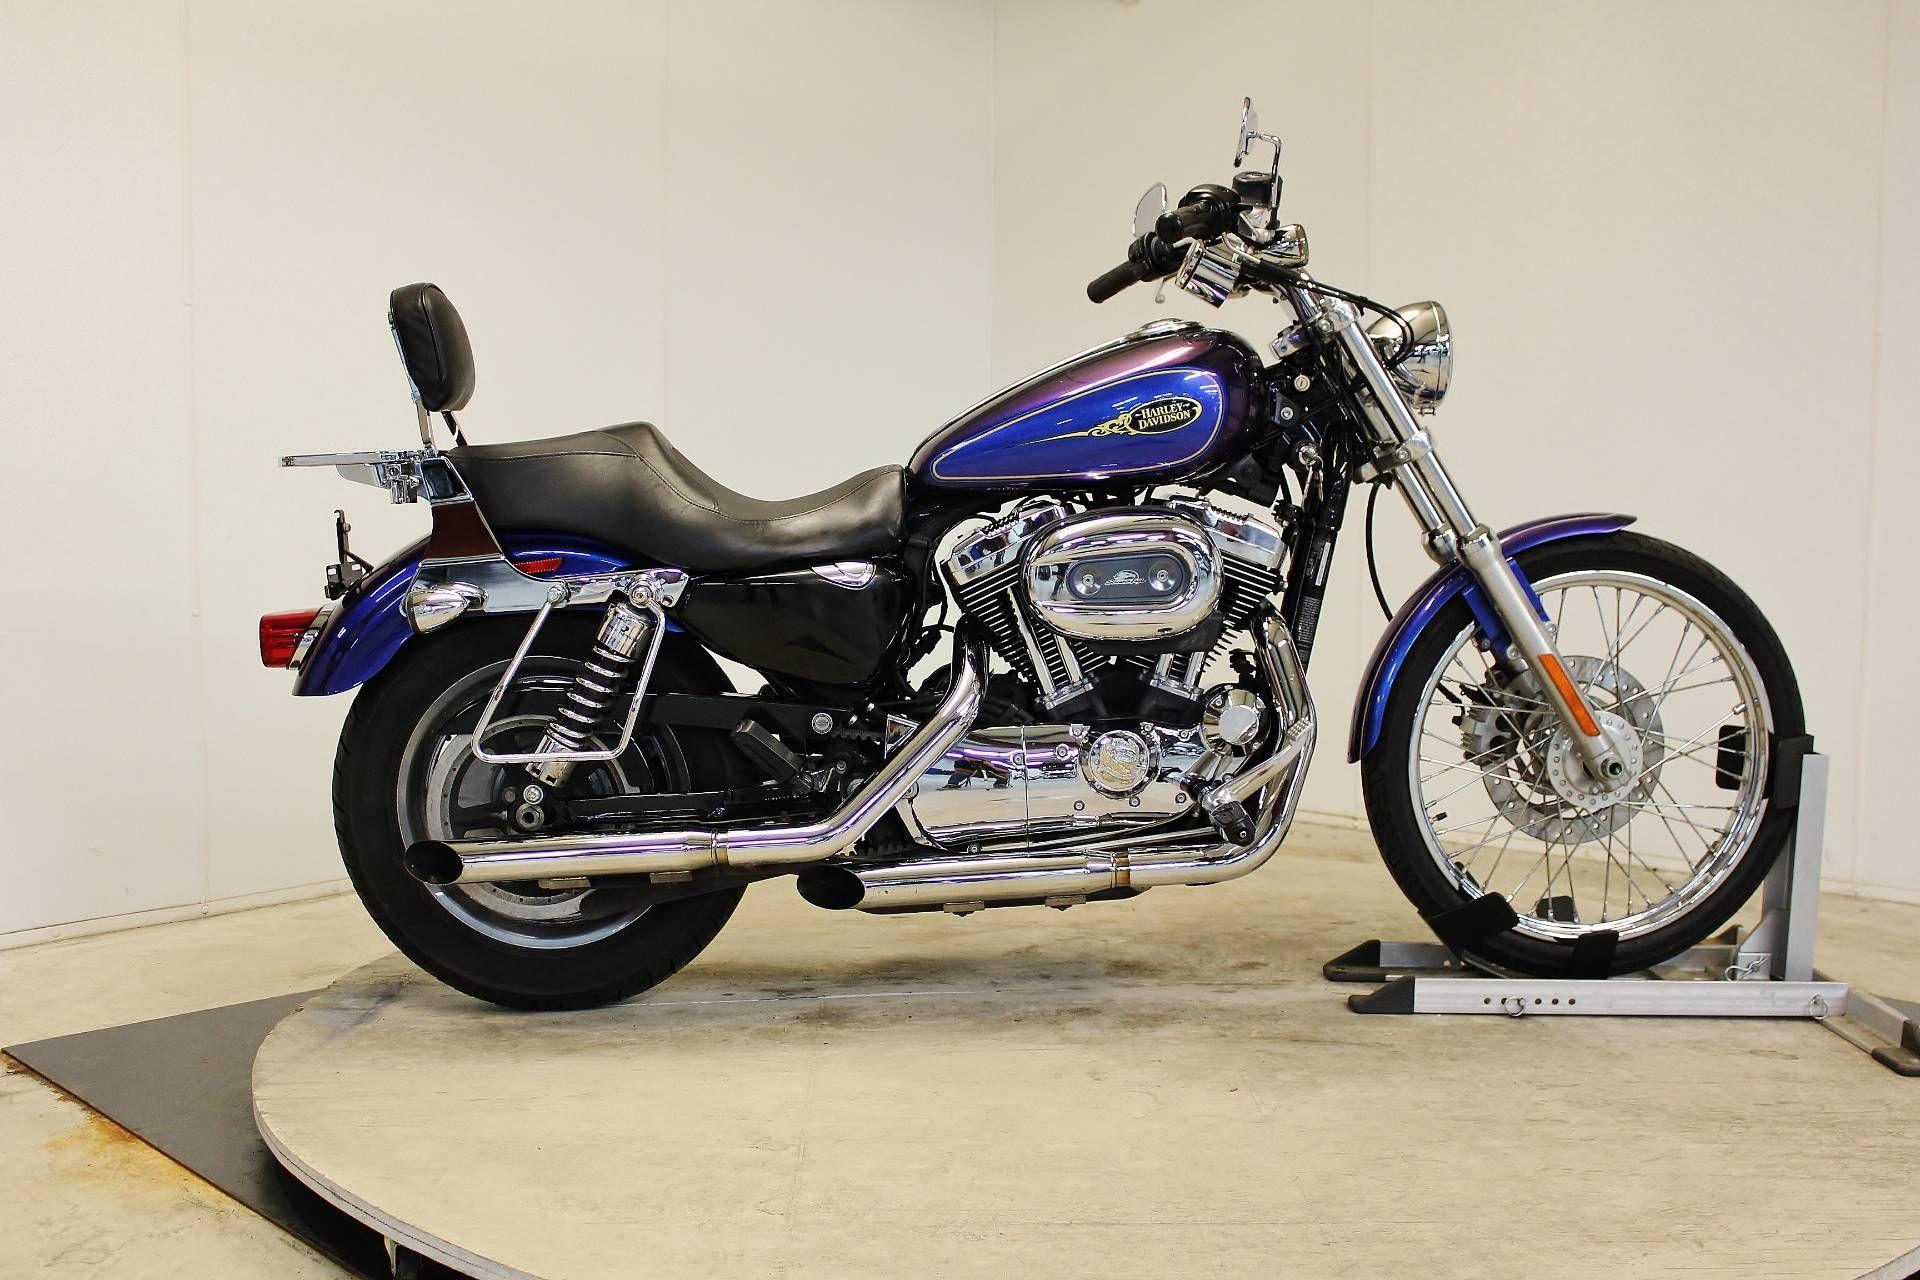 HarleyDavidsonSportster Harley Davidson Sporster Harley